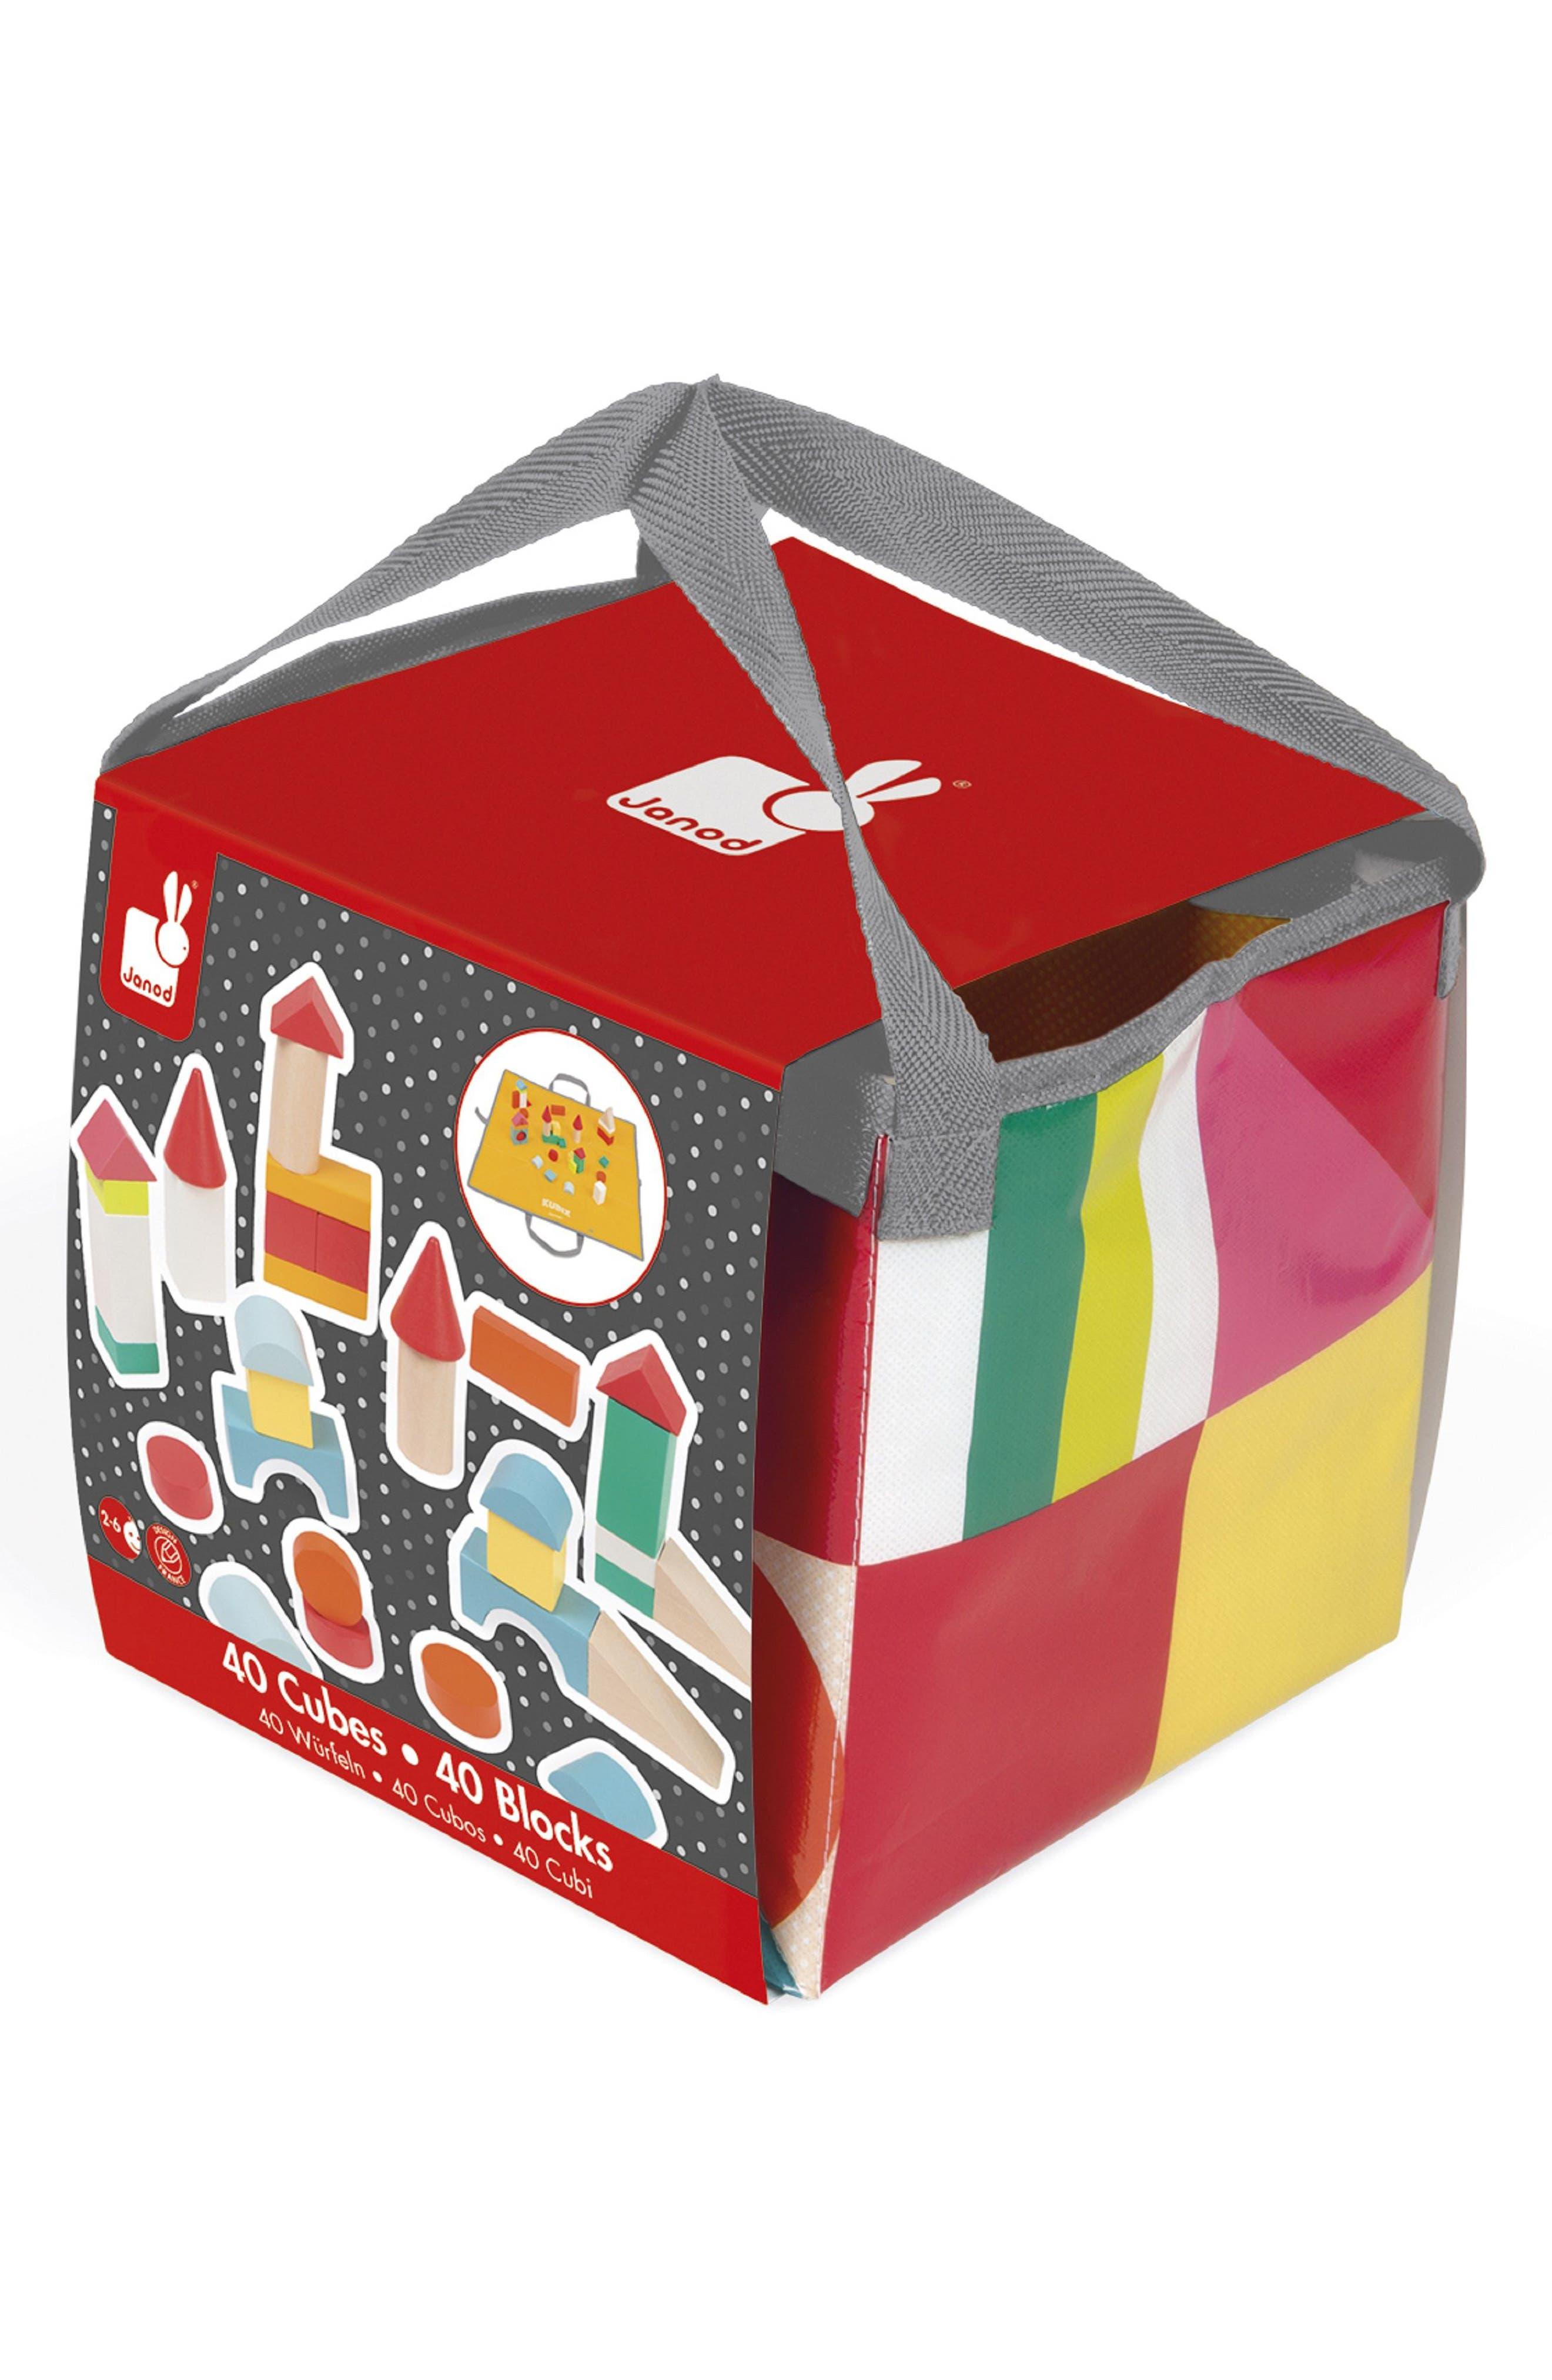 Kubix 41-Piece Block & Play Mat Set,                             Main thumbnail 1, color,                             Red Multi